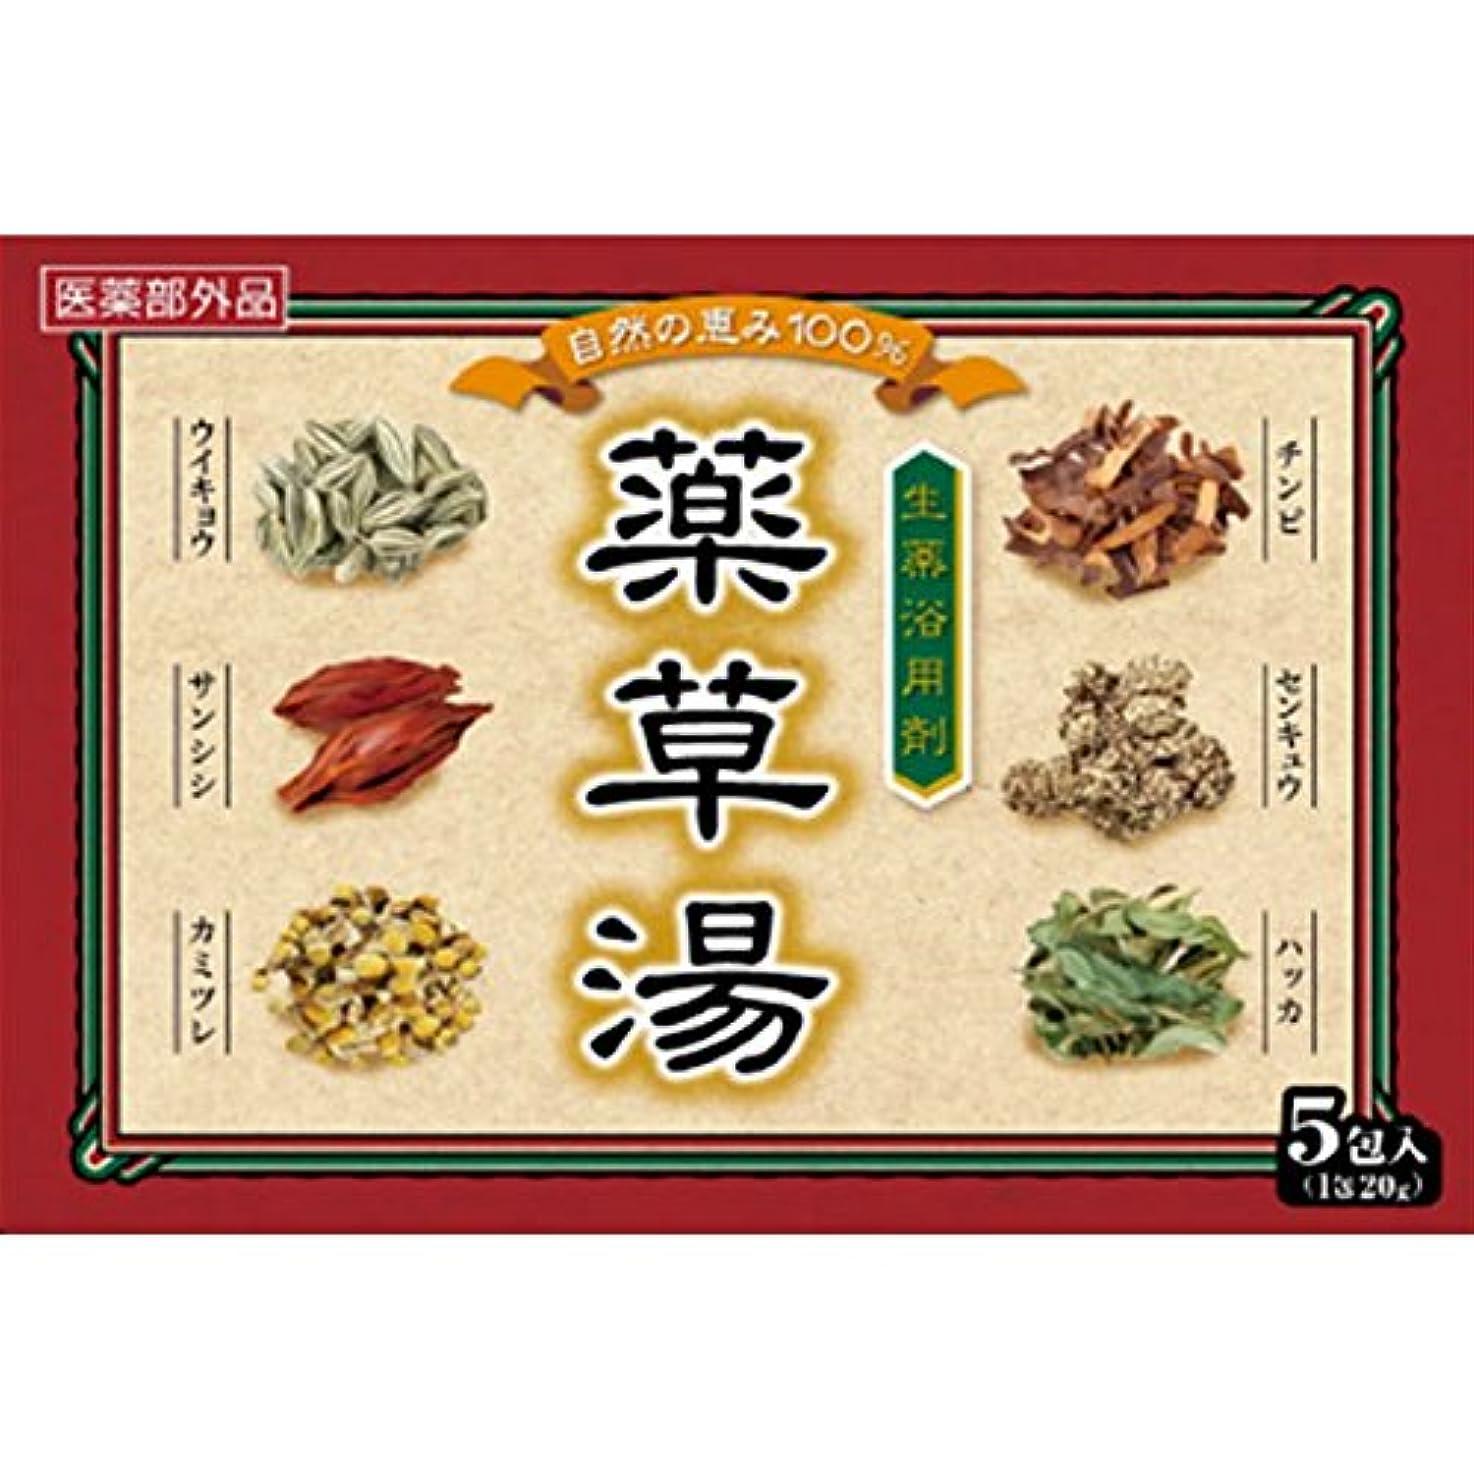 リスナーリベラル農業生薬浴用剤 薬草湯5包